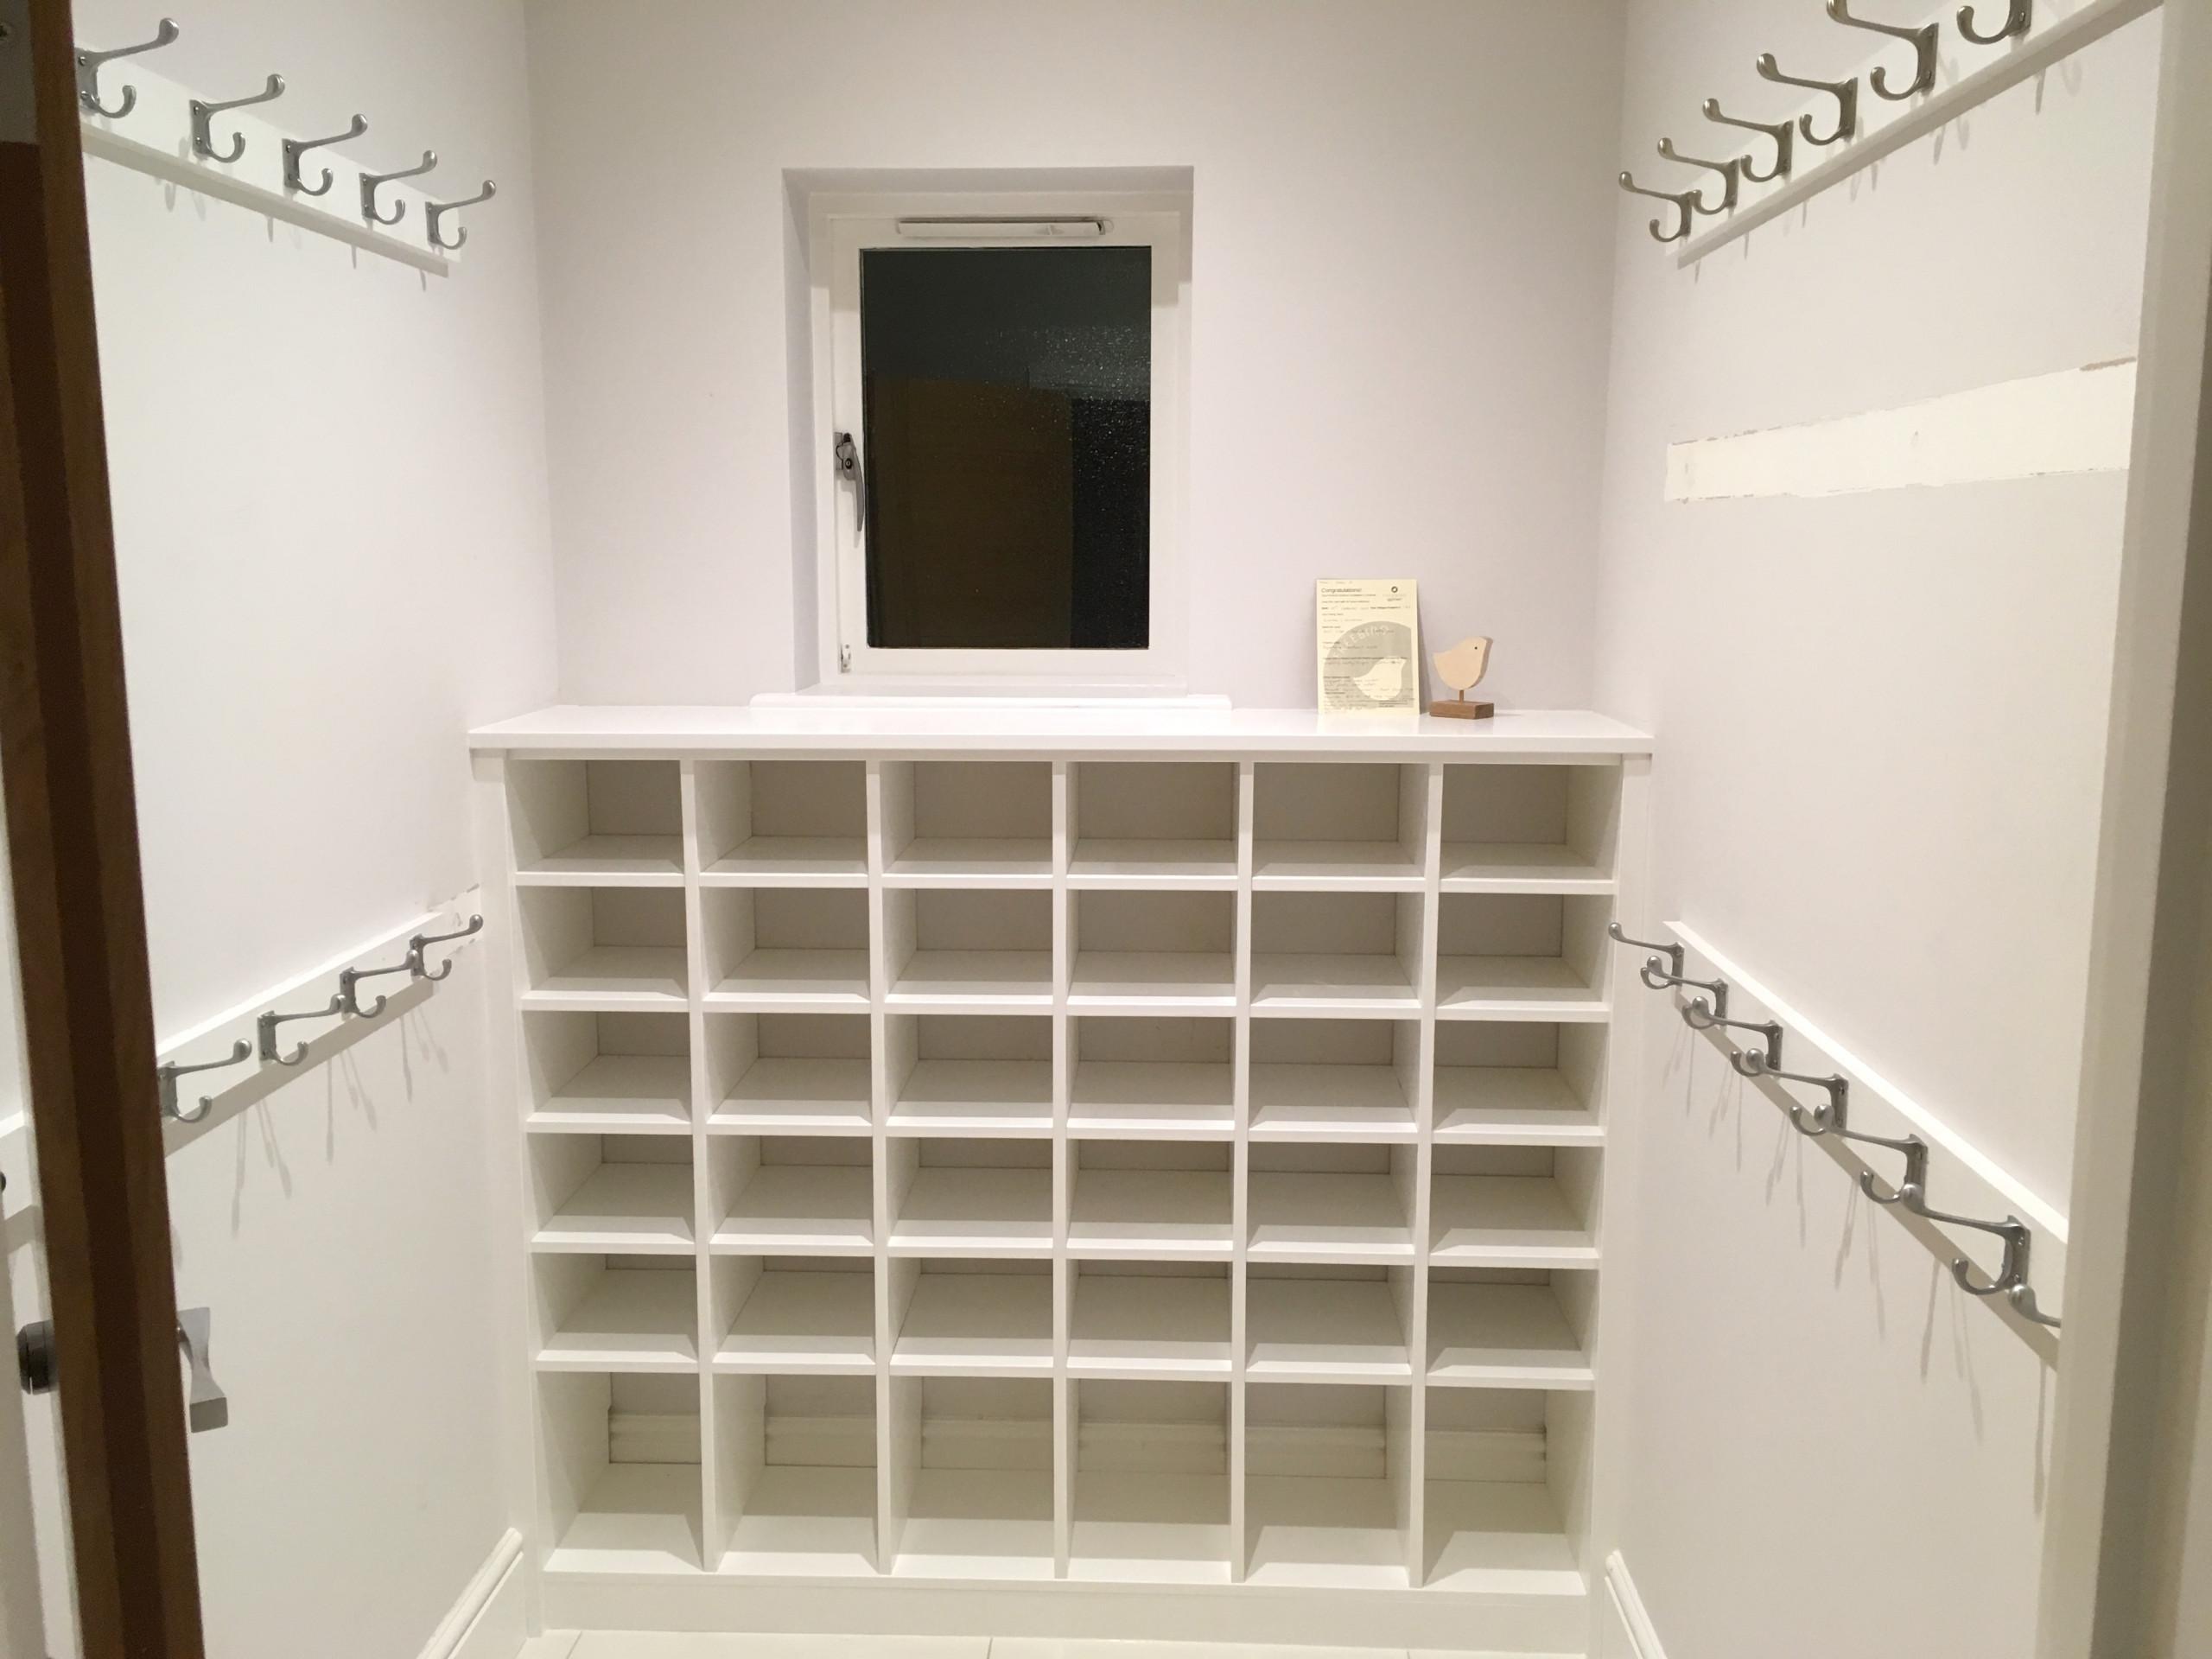 Cloakroom Shoe Shelves and Coat Hooks